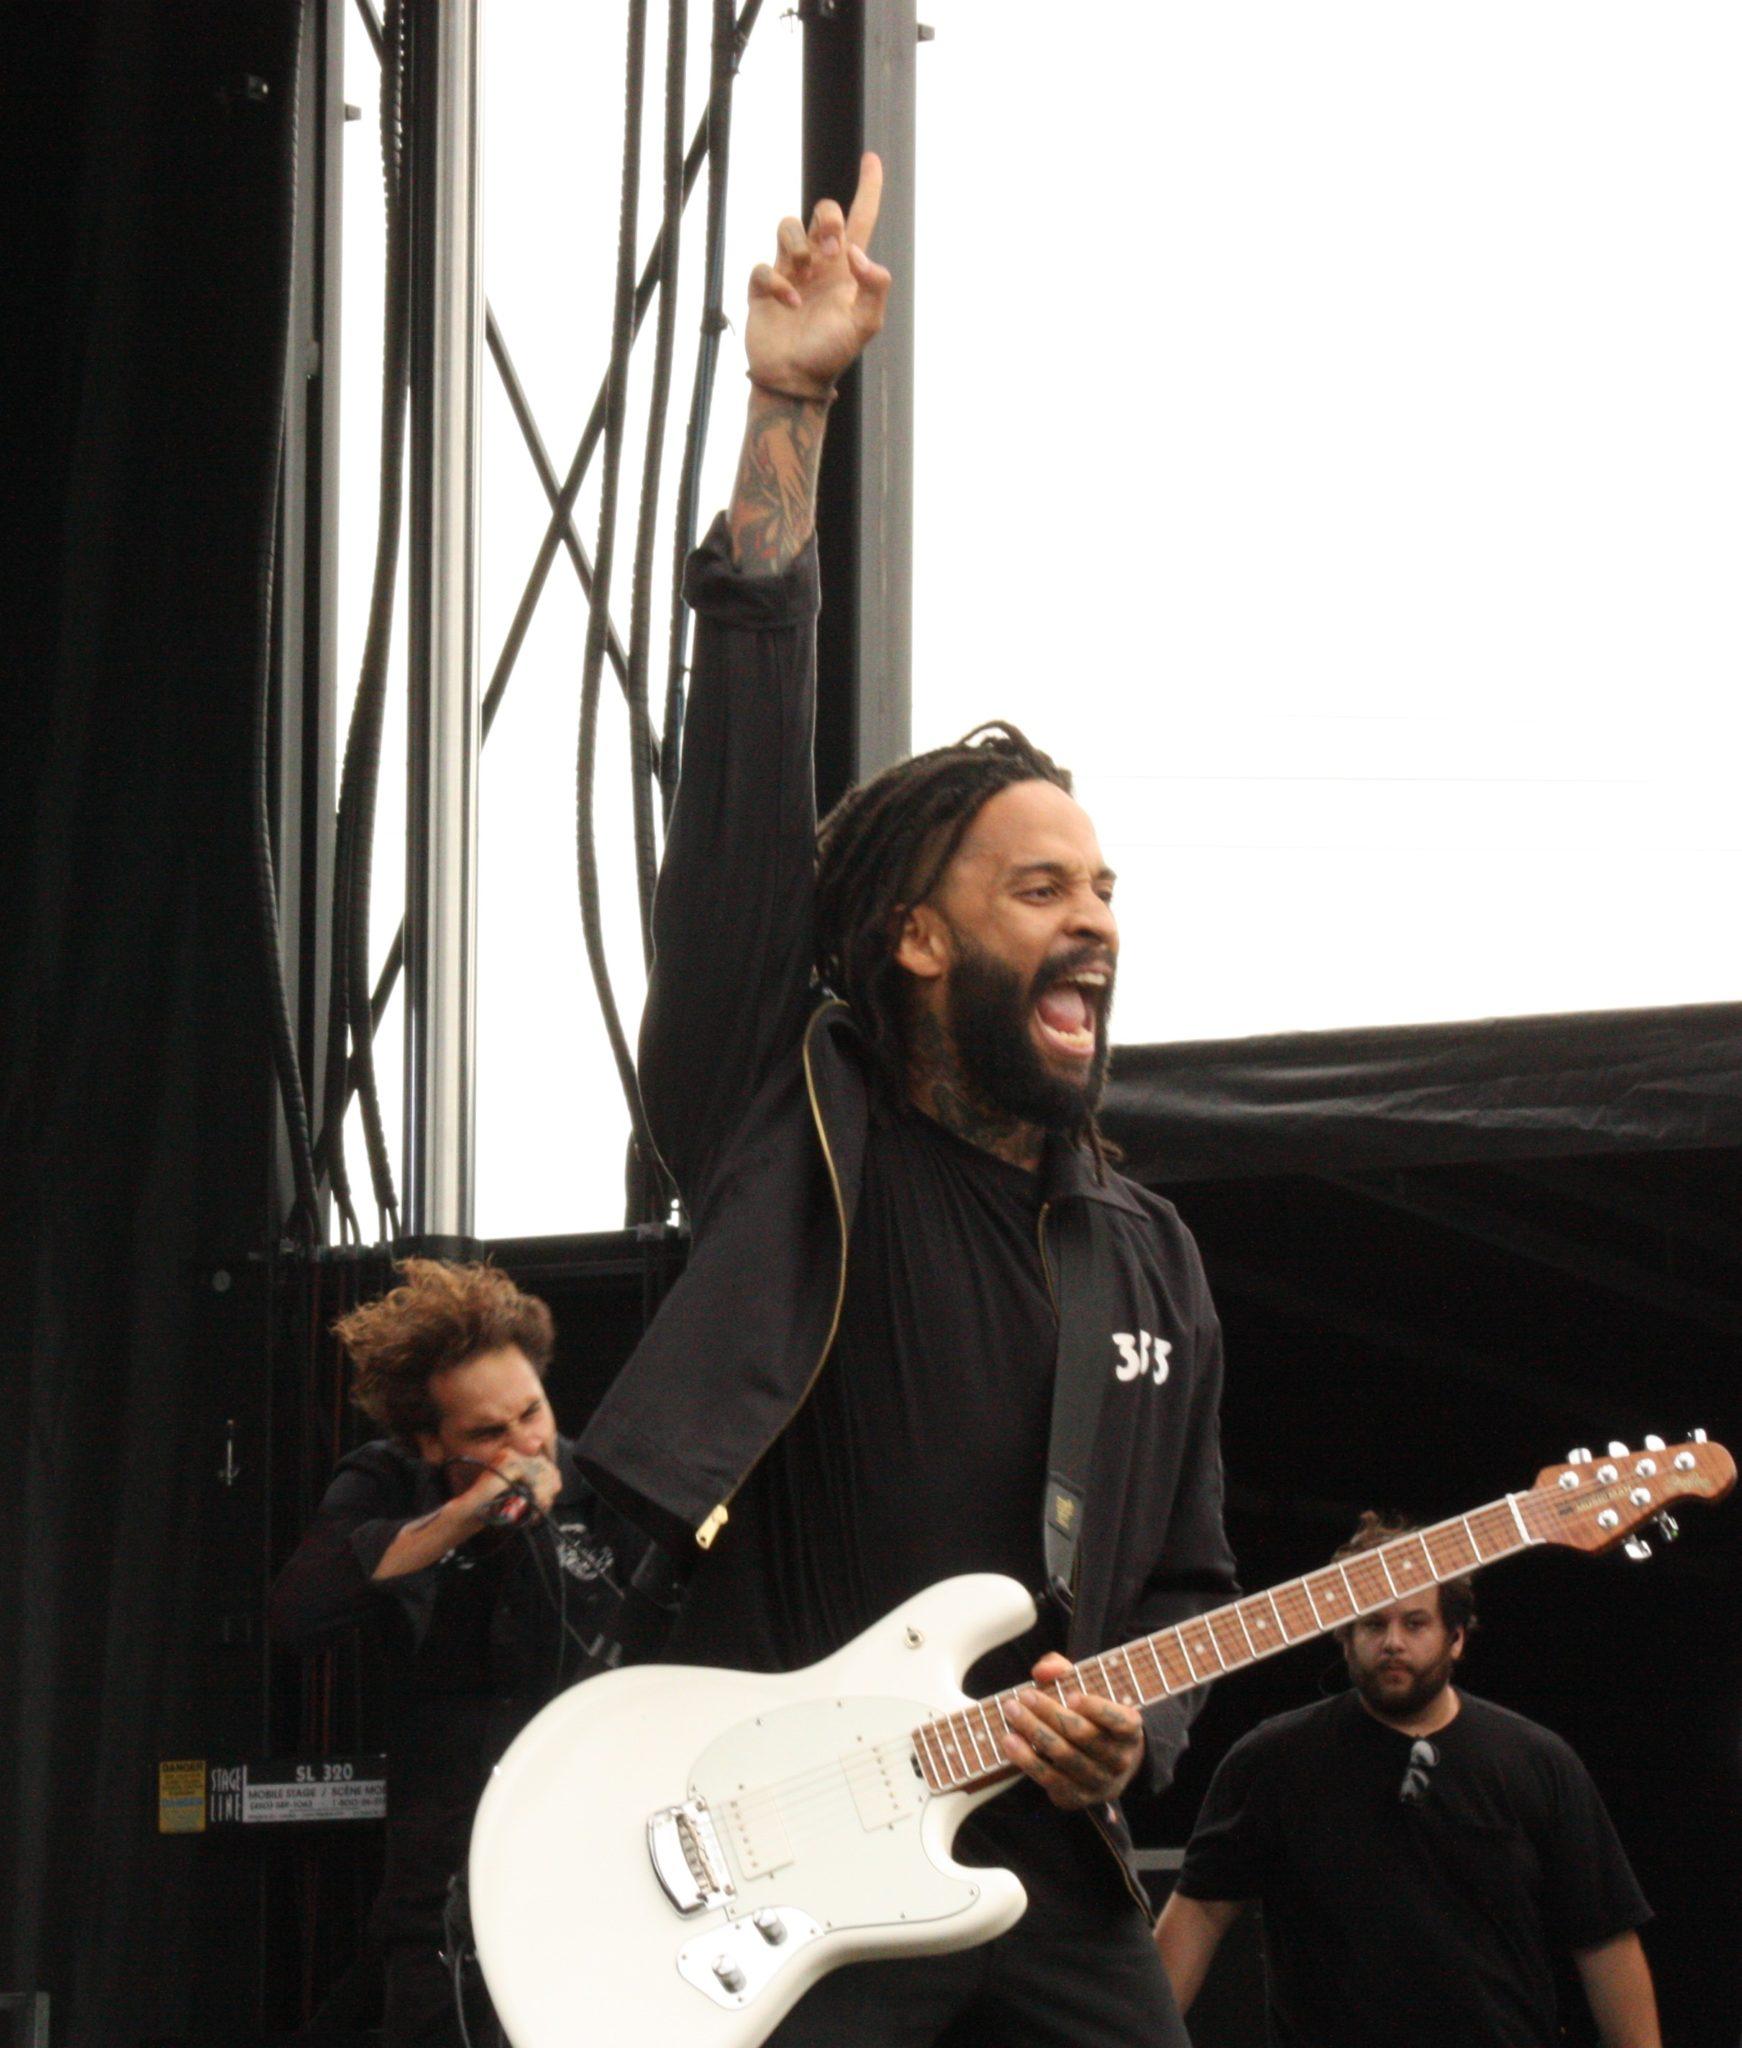 River City Rockfest Reaches Fans Across Rock & Sub-genres